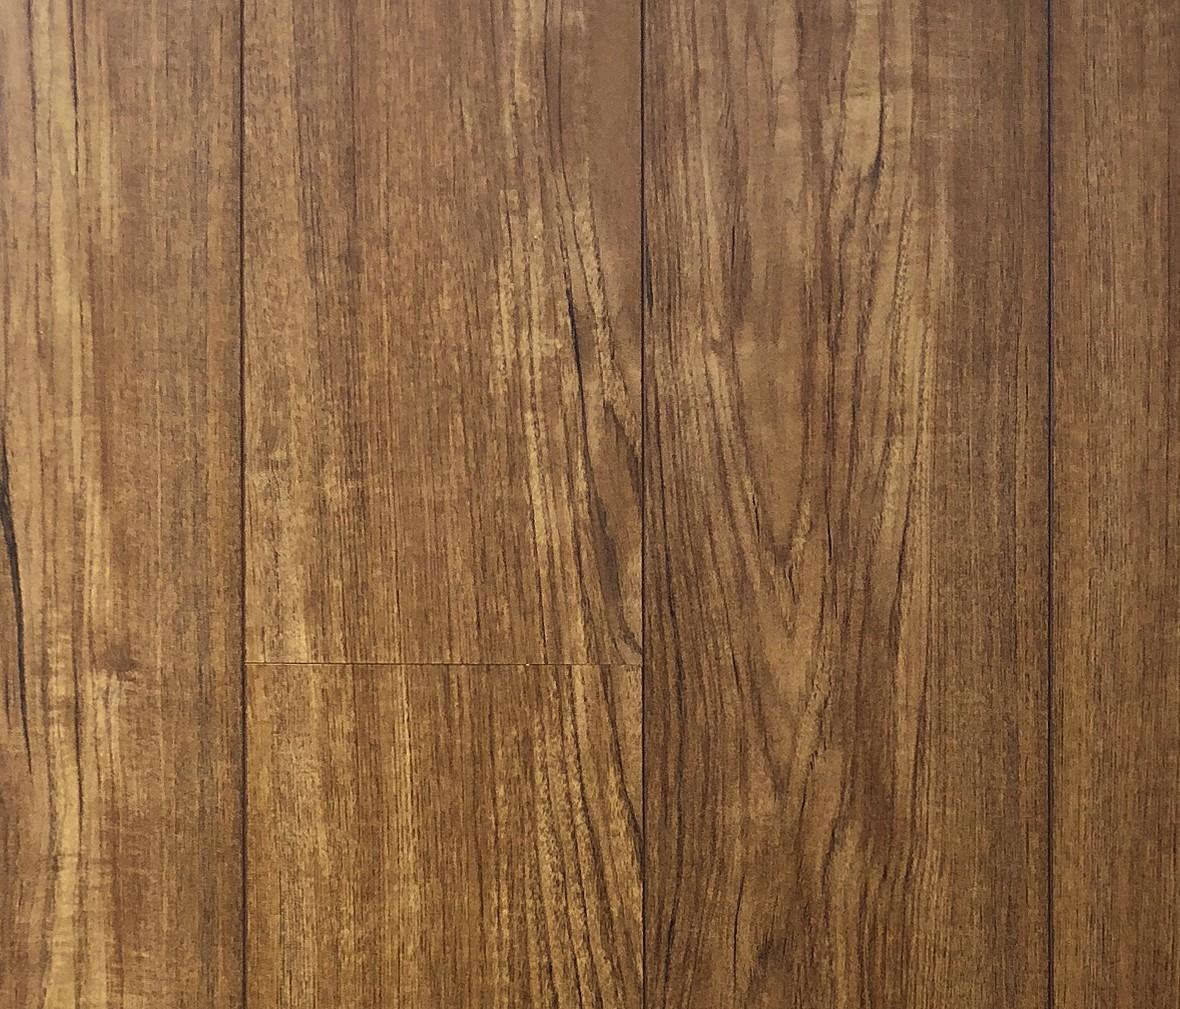 金钢鹦鹉地板 自然系列62000173进口强化地板 高密度板材质客卧地板图片、价格、品牌、评测样样齐全!【蓝景商城正品行货,蓝景丽家大钟寺家居广场提货,北京地区配送,领券更优惠,线上线下同品同价,立即购买享受更多优惠哦!】